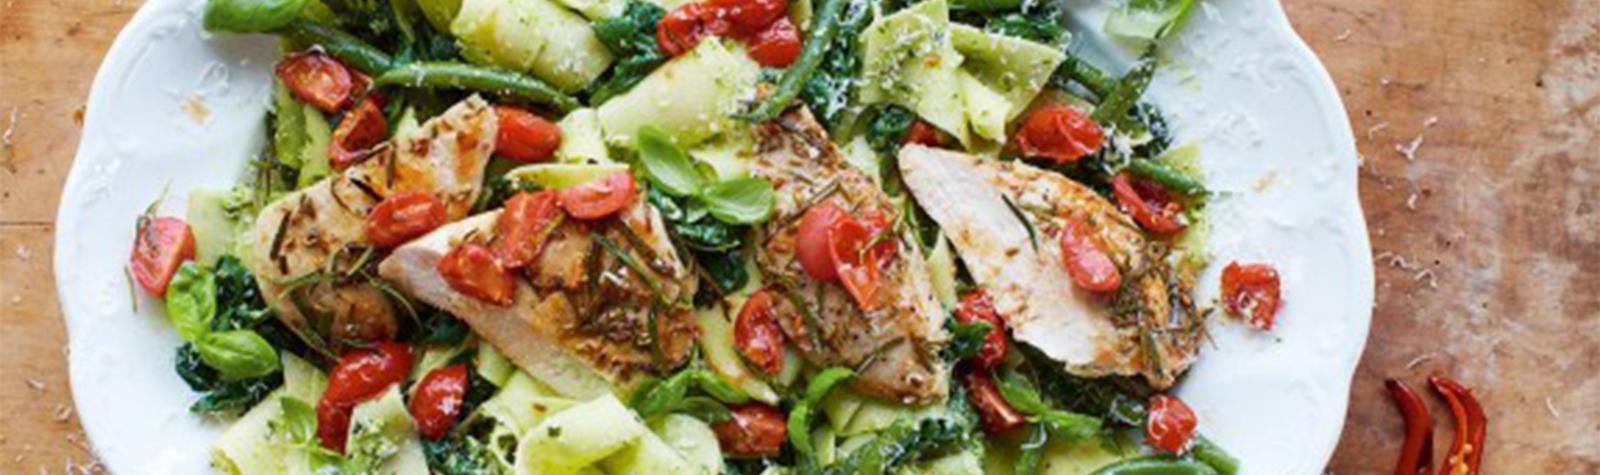 Receta de Pasta de Pollo con Pesto de Albahaca por Jamie Oliver